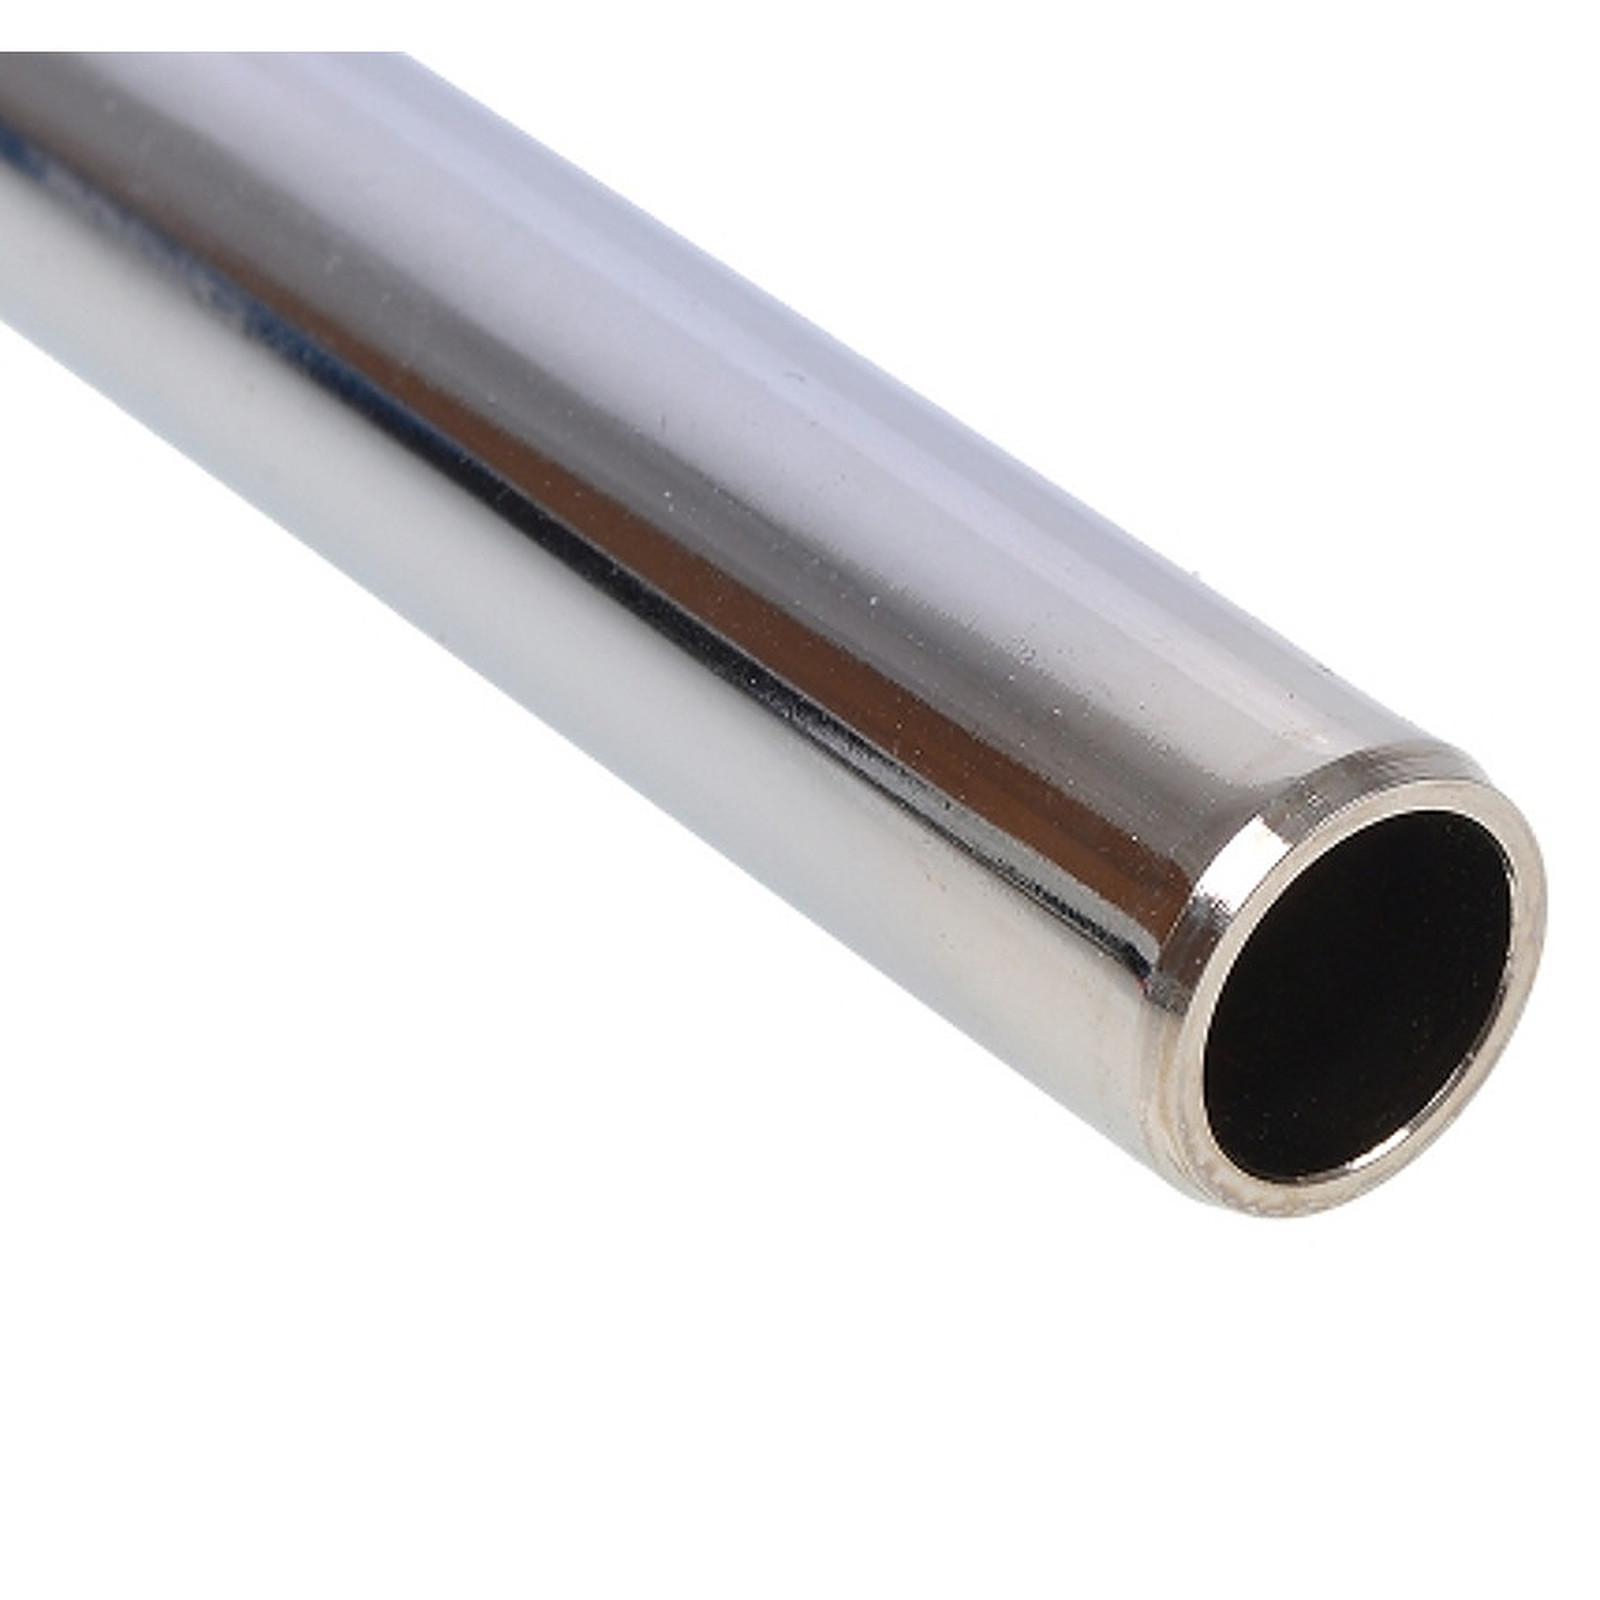 Barrow TG16-490 Tube Rigide Cuivre chromé - 49 cm